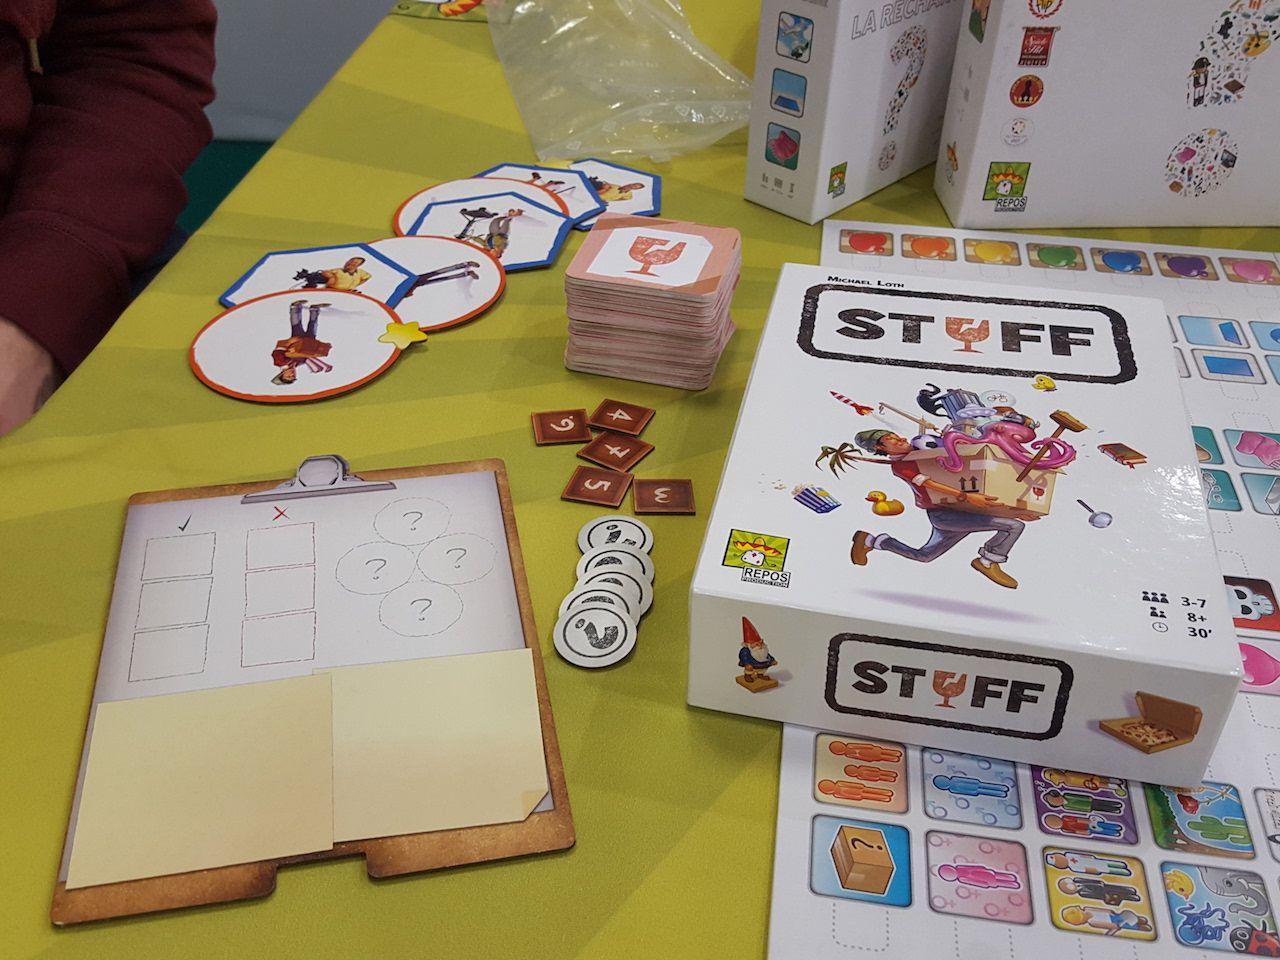 Et on découvre Stuff le nouveau jeu d'ambiance  pour 3 à 7 joueurs prévu pour début juin si tout va bien.  Une agréable partie avec de la franche rigolade.